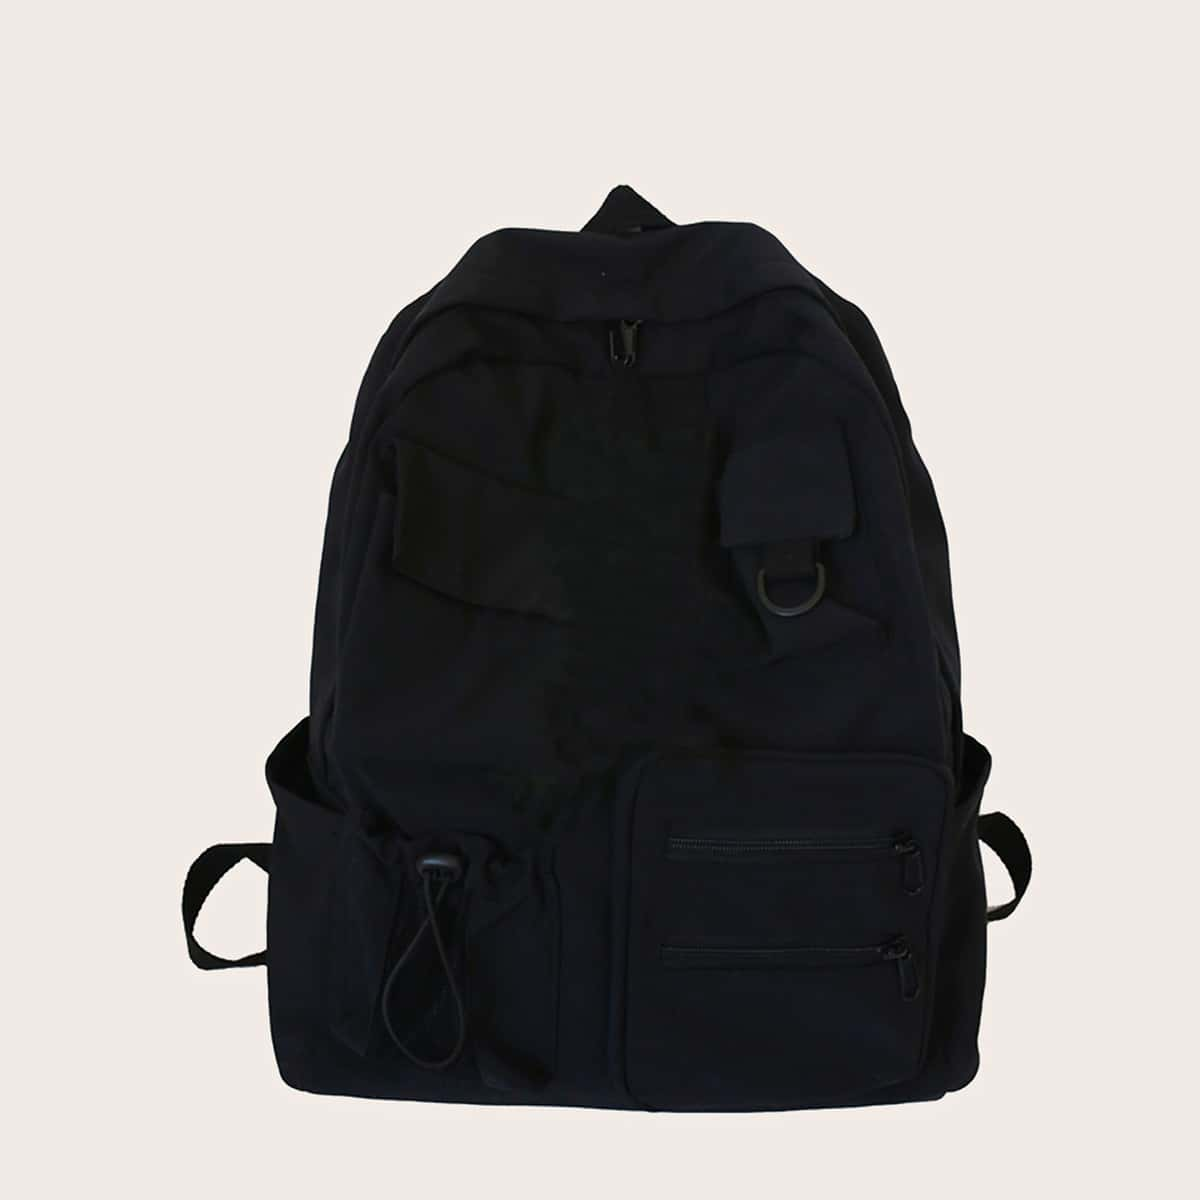 Рюкзак большой емкости с несколькими карманами